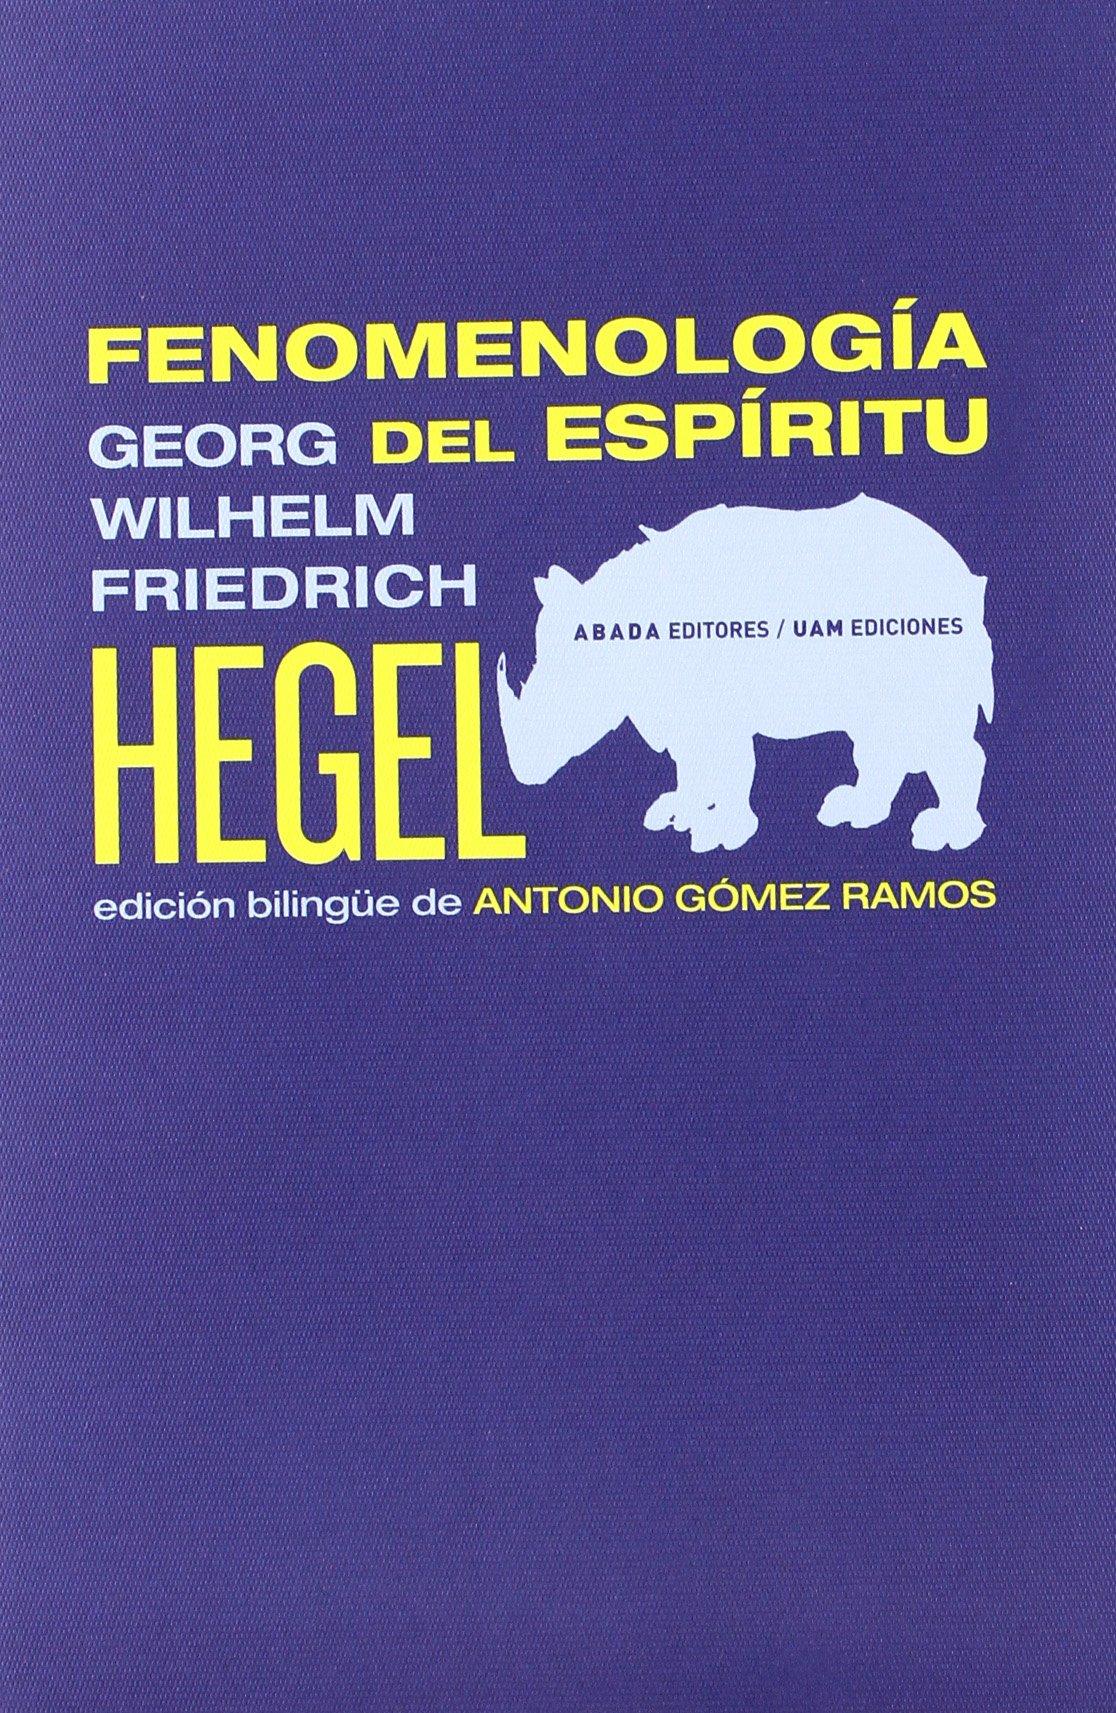 Resultado de imagen de fenomenología del espiritu hegel antonio gomez ramos abada